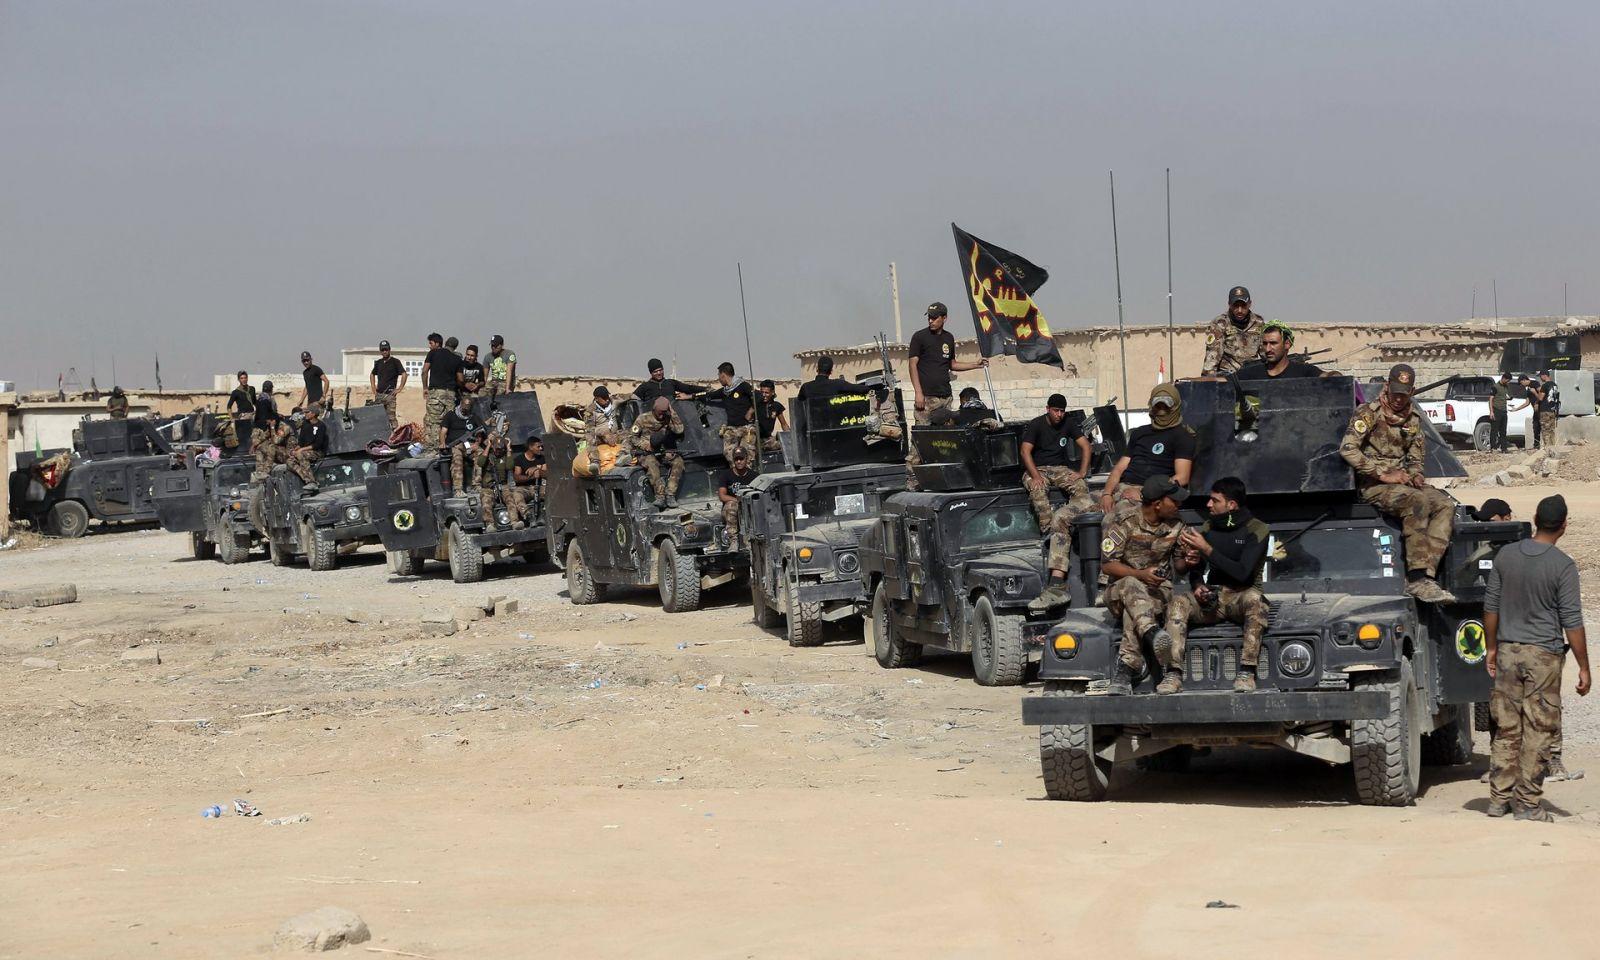 إِسْتَفْتاح عمليات عسكرية شمال غرب الساحل الأيمن فى الموصل